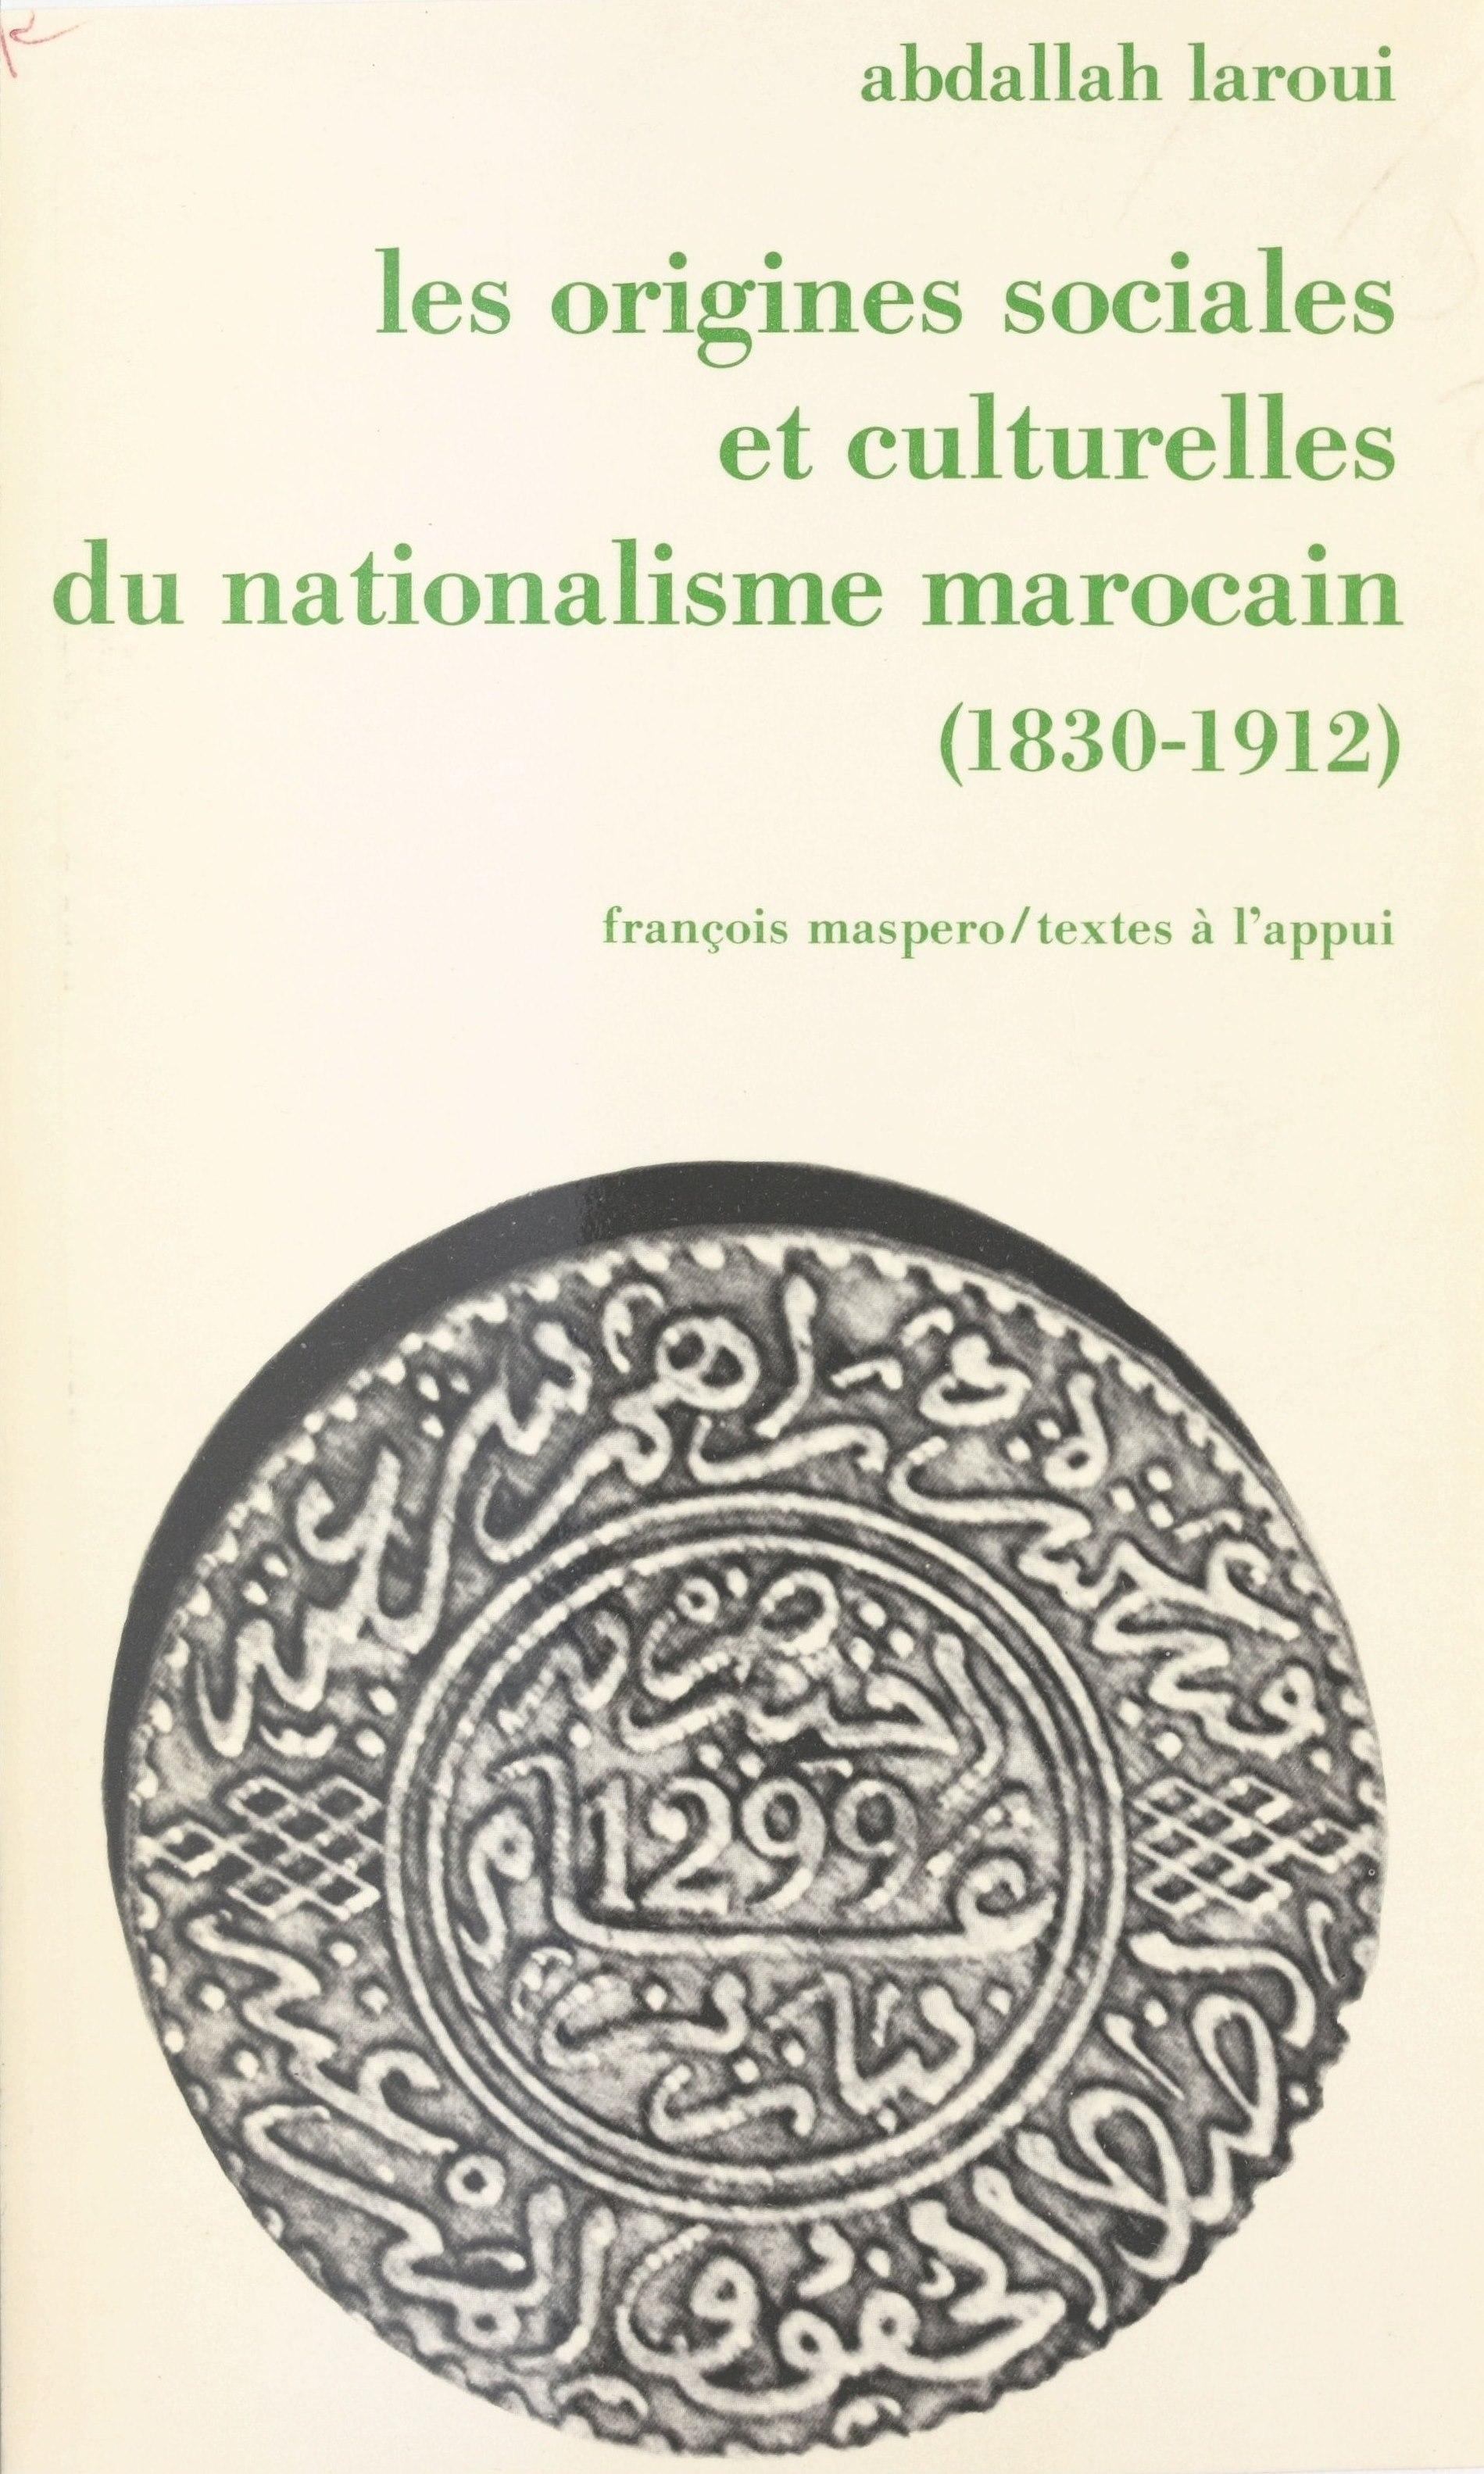 Les origines sociales et culturelles du nationalisme marocain